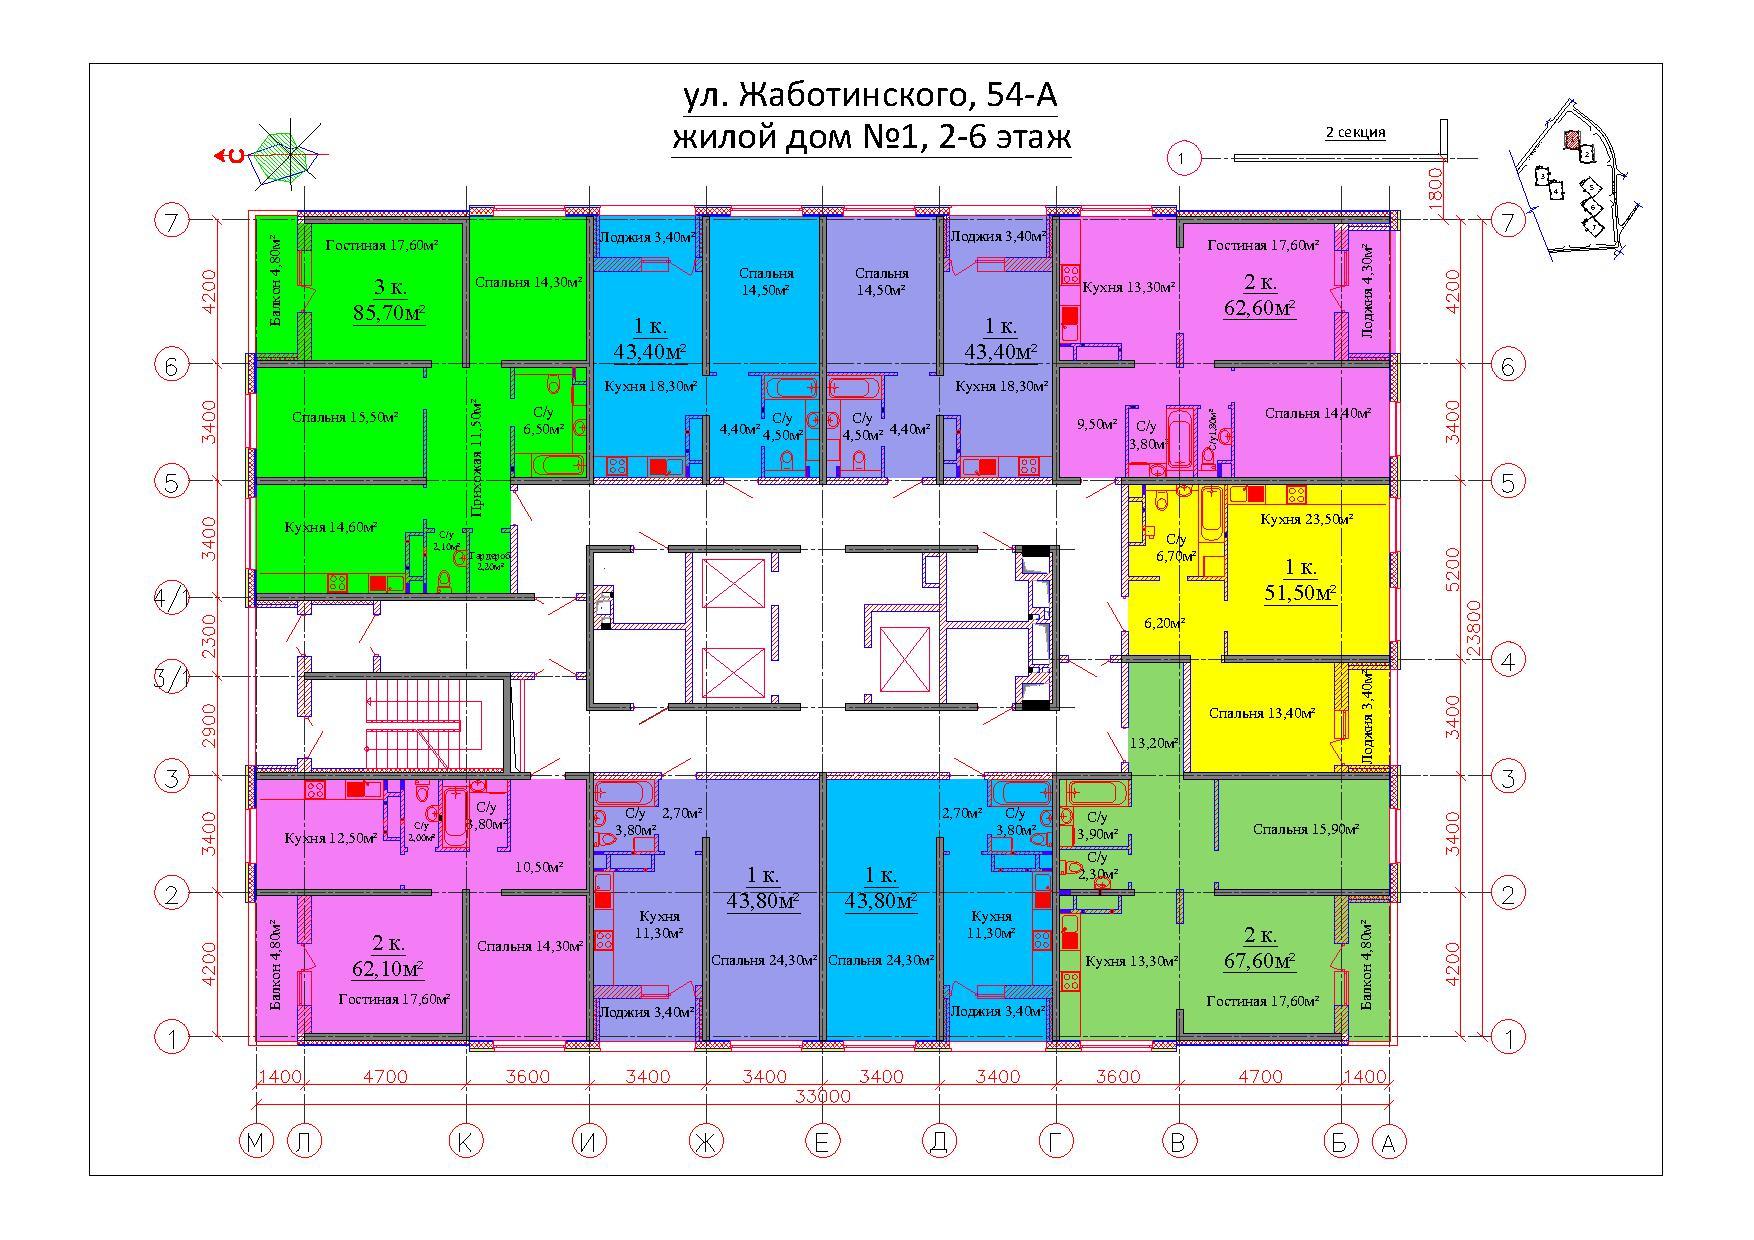 ЖК на Жаботинского Будова (Альтаир 3) / Секция 1 / План 2-6 этажей